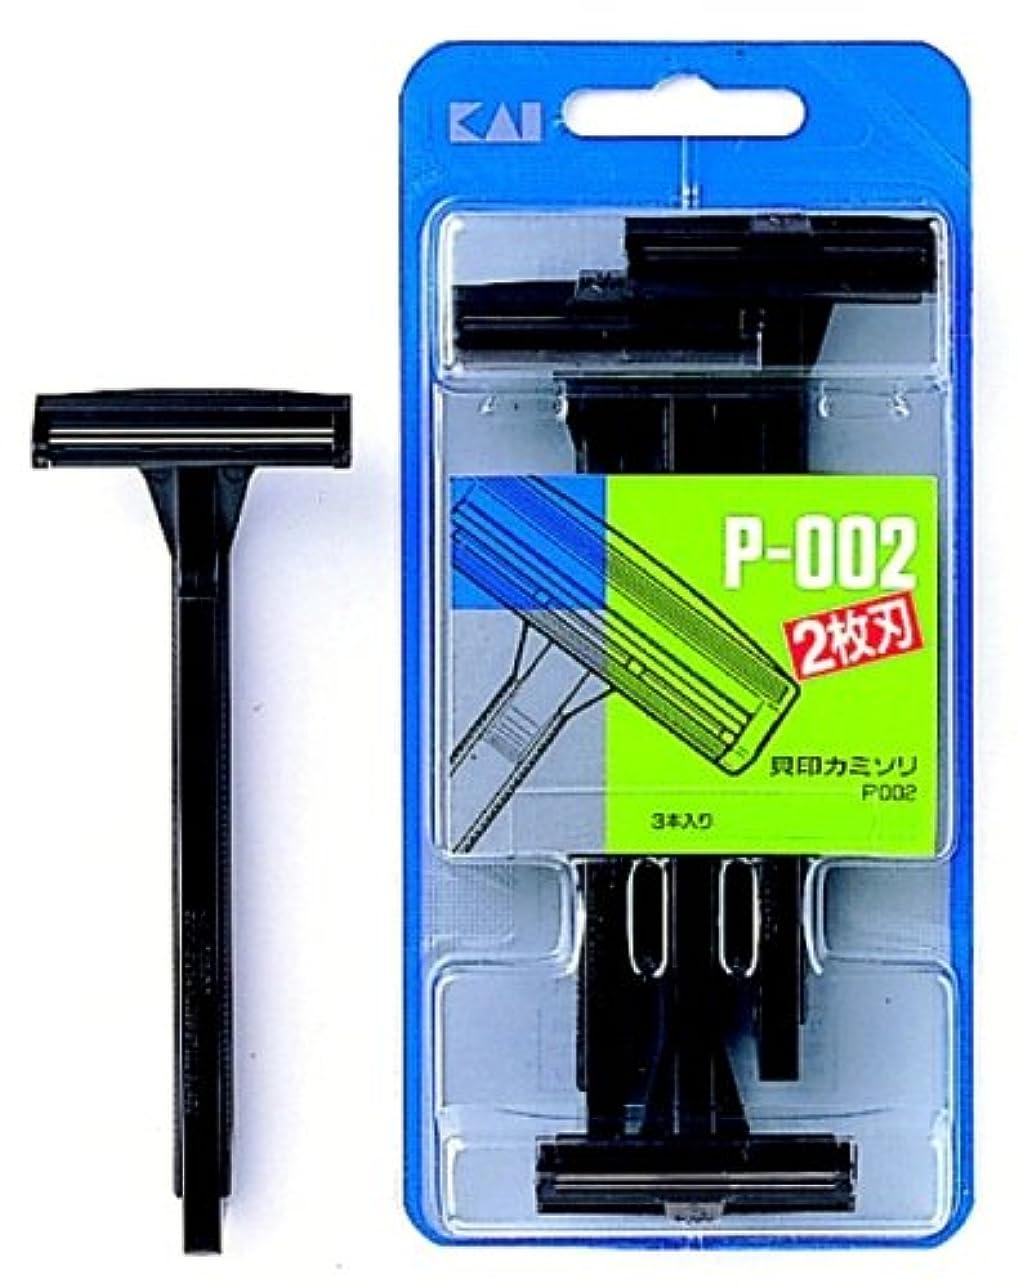 ディスカウント獲物放射性カミソリ P002 P002-3B